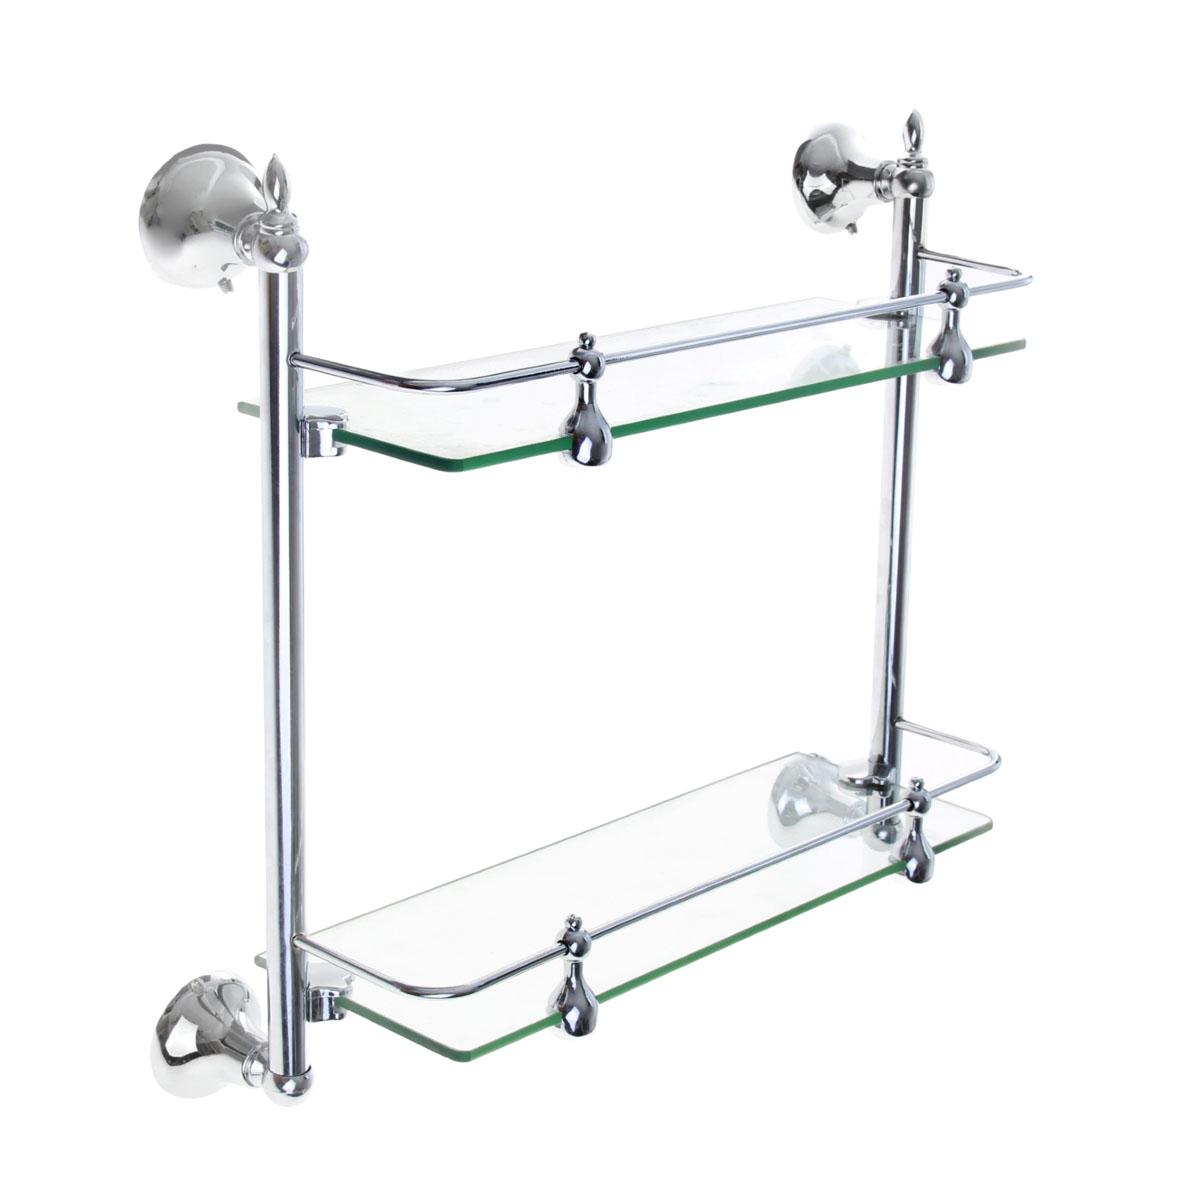 Полка для ванной комнаты Доляна, 2-х ярусная, 35 см х 12 см х 36 см855968Полка Доляна выполнена из стекла и высококачественного металла и предназначена для хранения вещей в ванной комнате. Полка состоит из 2-х ярусов прямоугольной формы. Она пригодится для хранения различных предметов, которые всегда будут под рукой. Благодаря компактным размерам полка впишется в интерьер вашего дома и позволит вам удобно и практично хранить предметы домашнего обихода. Удобная и практичная металлическая полочка станет незаменимым аксессуаром в вашем хозяйстве. Крепления входят в комплект. Размер полки (ДхШхВ): 35 см х 12 см х 36 см.